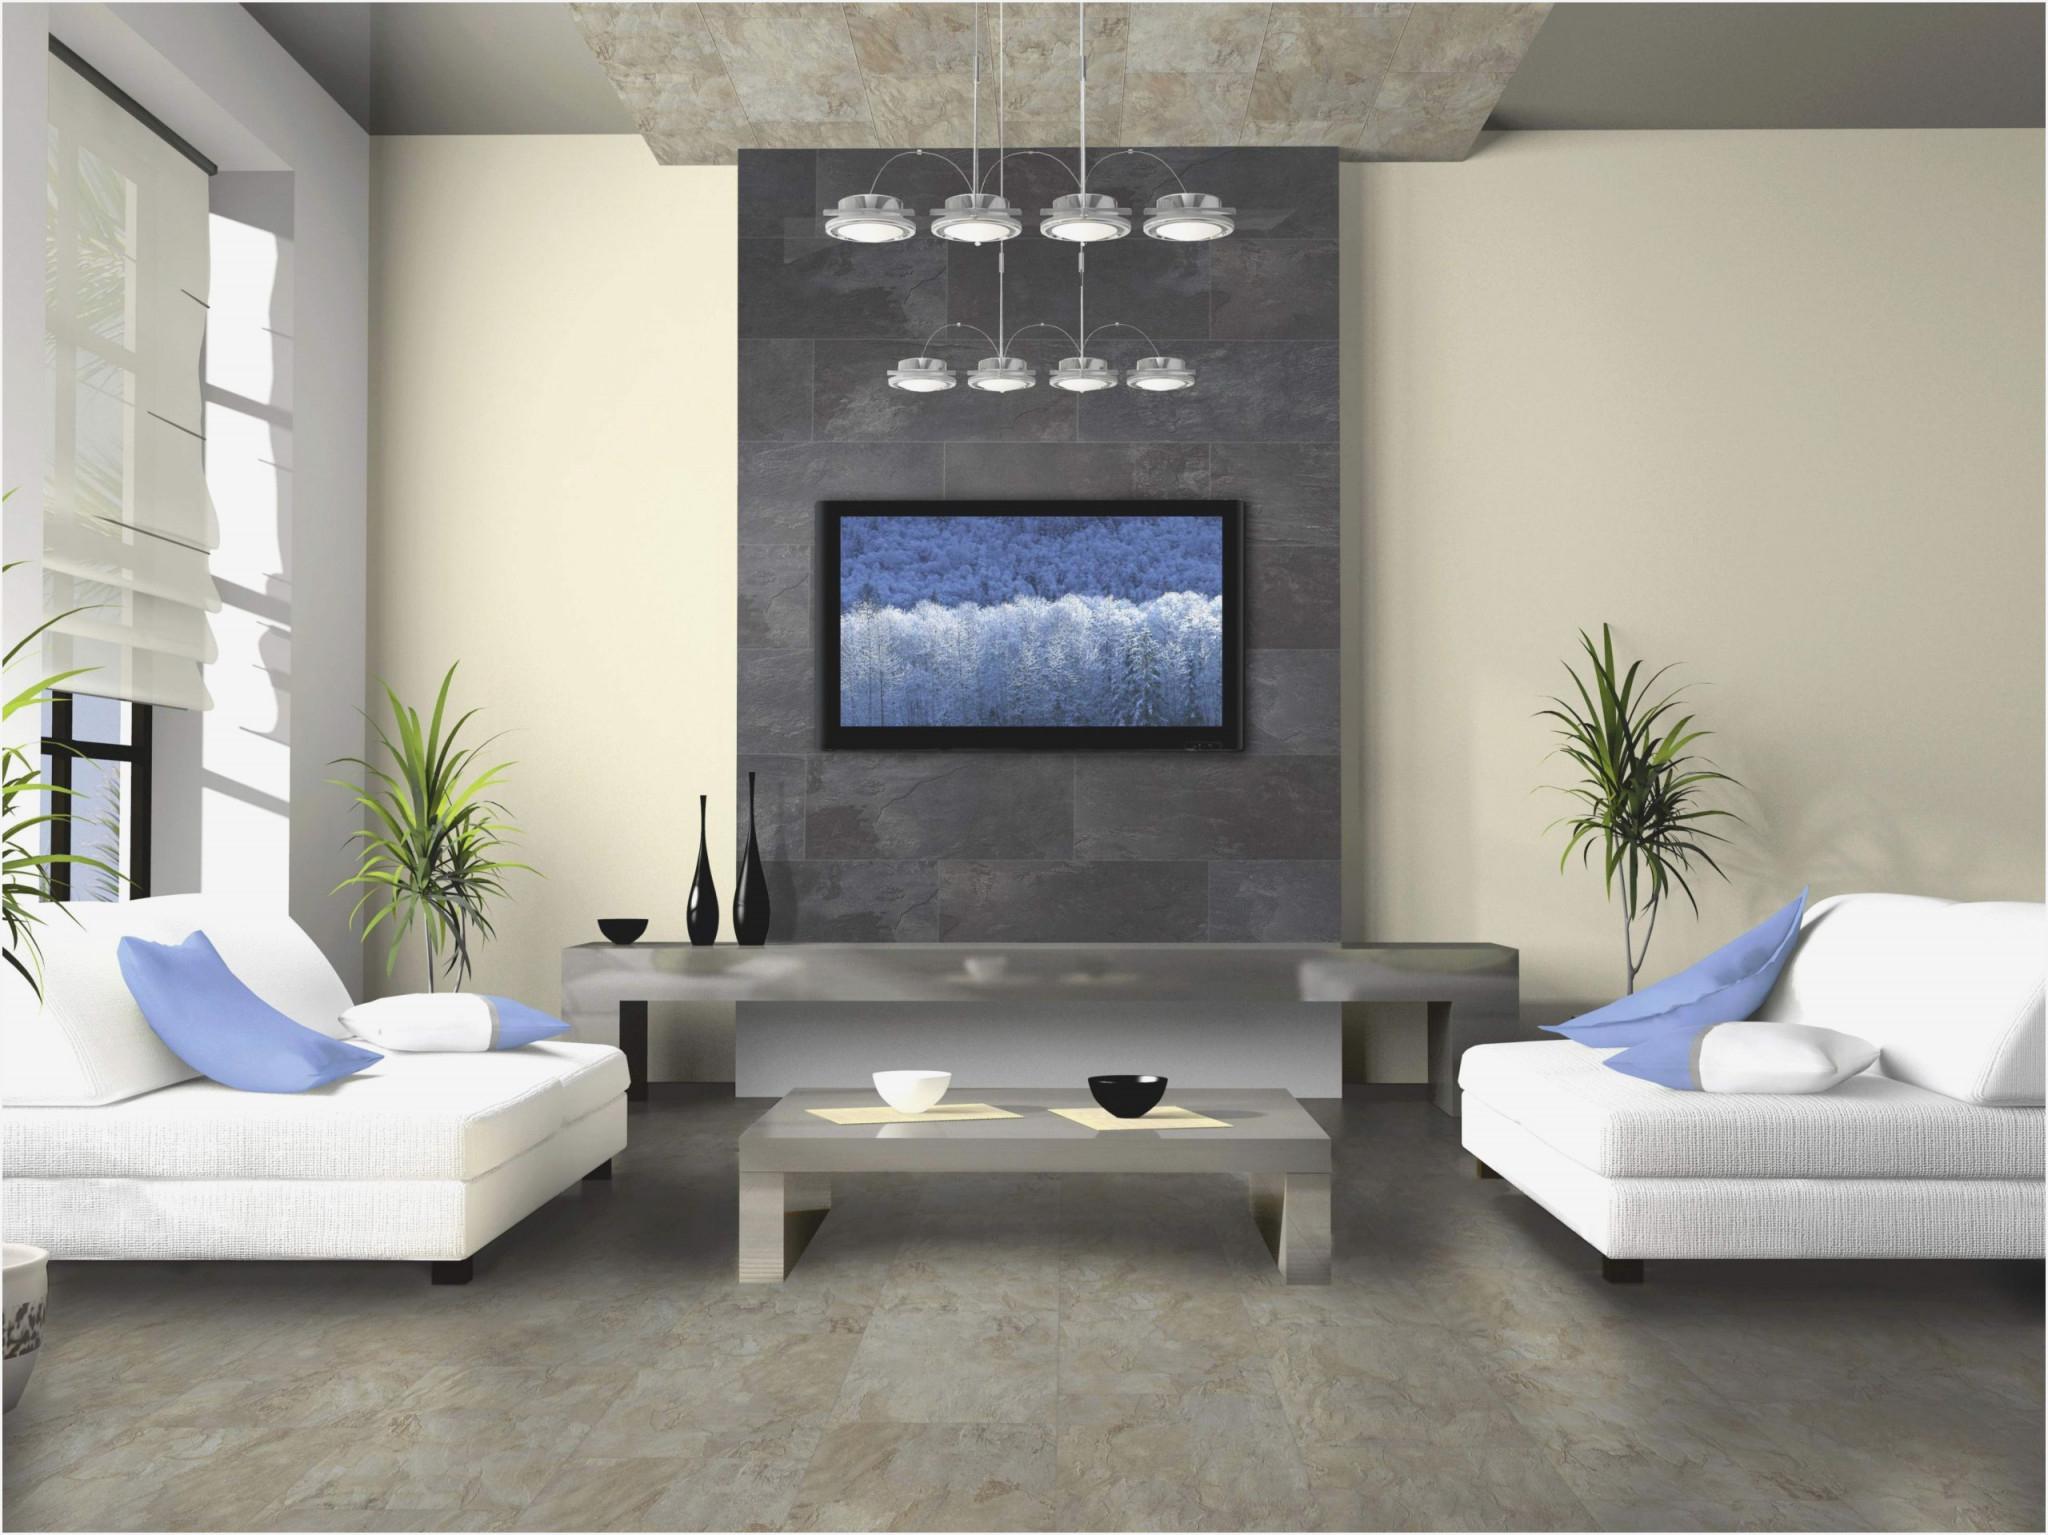 Wohnzimmer 17 Qm Einrichten  Wohnzimmer  Traumhaus von 15 Qm Wohnzimmer Einrichten Bild